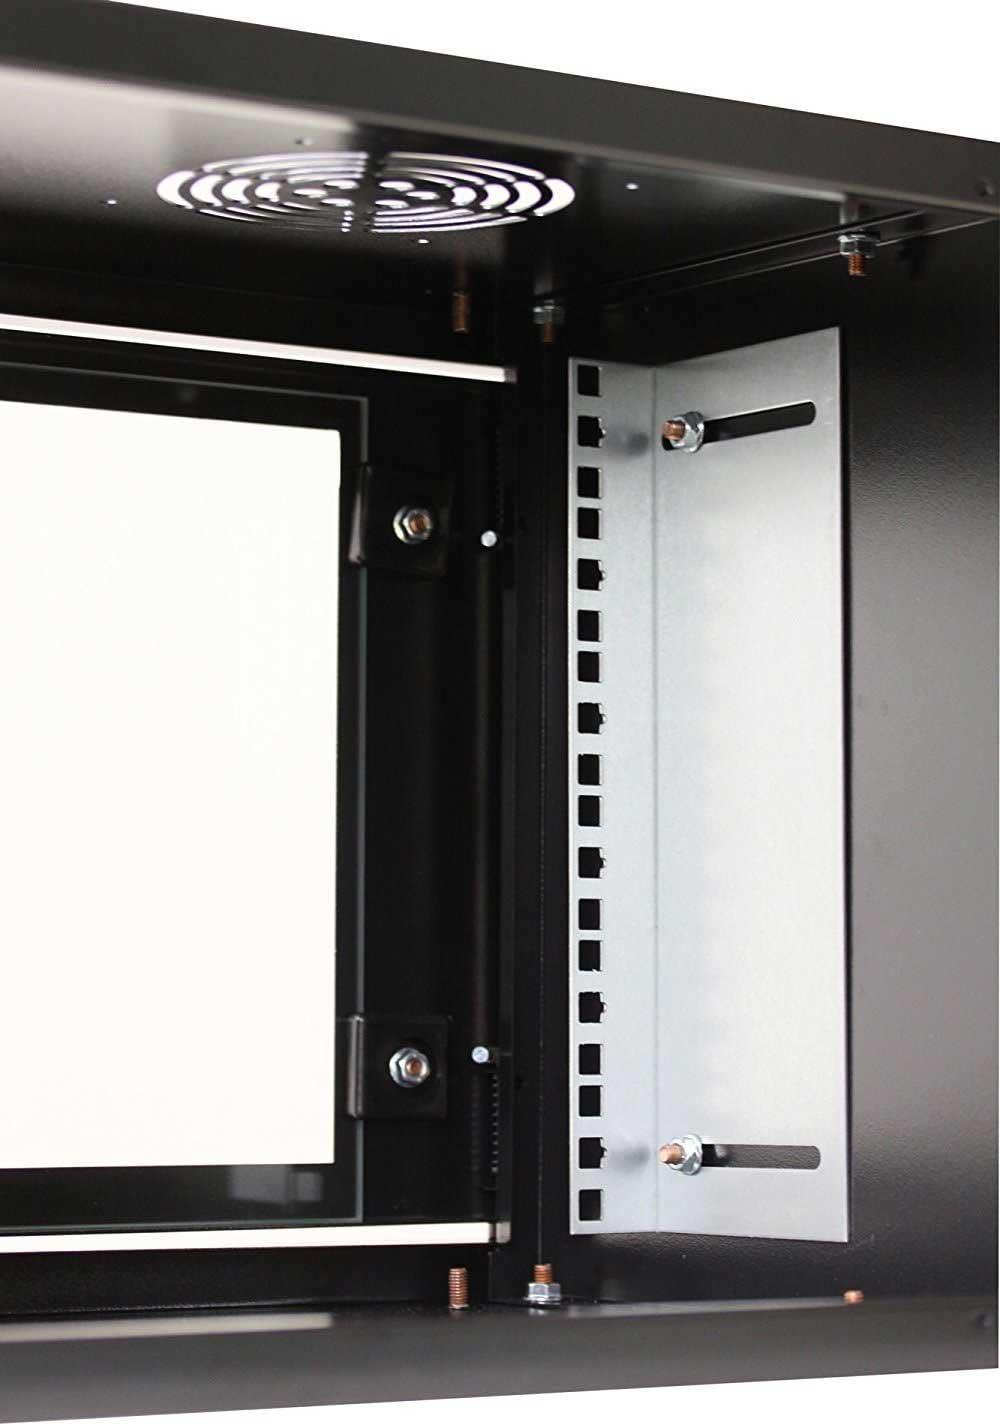 kab24/® Netzwerkschrank Serverschrank Wandheh/äuse Netzwerk Wandschrank Wandverteiler SOHO Schrank grau 19 Zoll 16 HE H:87,8 x B:60 x T:60cm